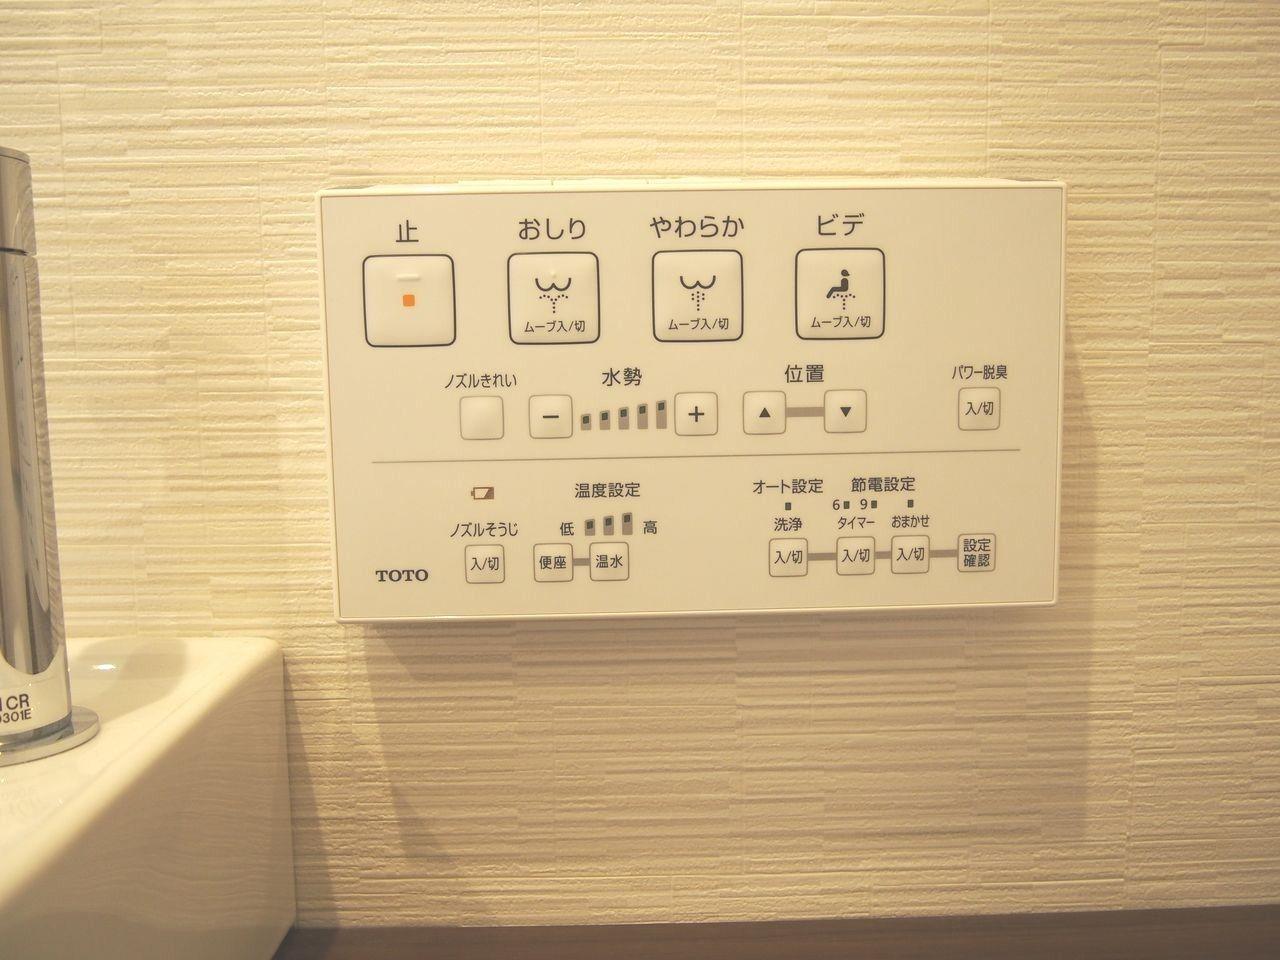 暖房洗浄便座リモコン「ノズルそうじ」ボタンを押すと自動でノズルが出て、再度「ノズルそうじ」スイッチを押すとノズルが戻る 。 ノズルそうじスイッチを押さなかった場合、約5分後に自動的に戻ります約5分後に自動的に戻ります。